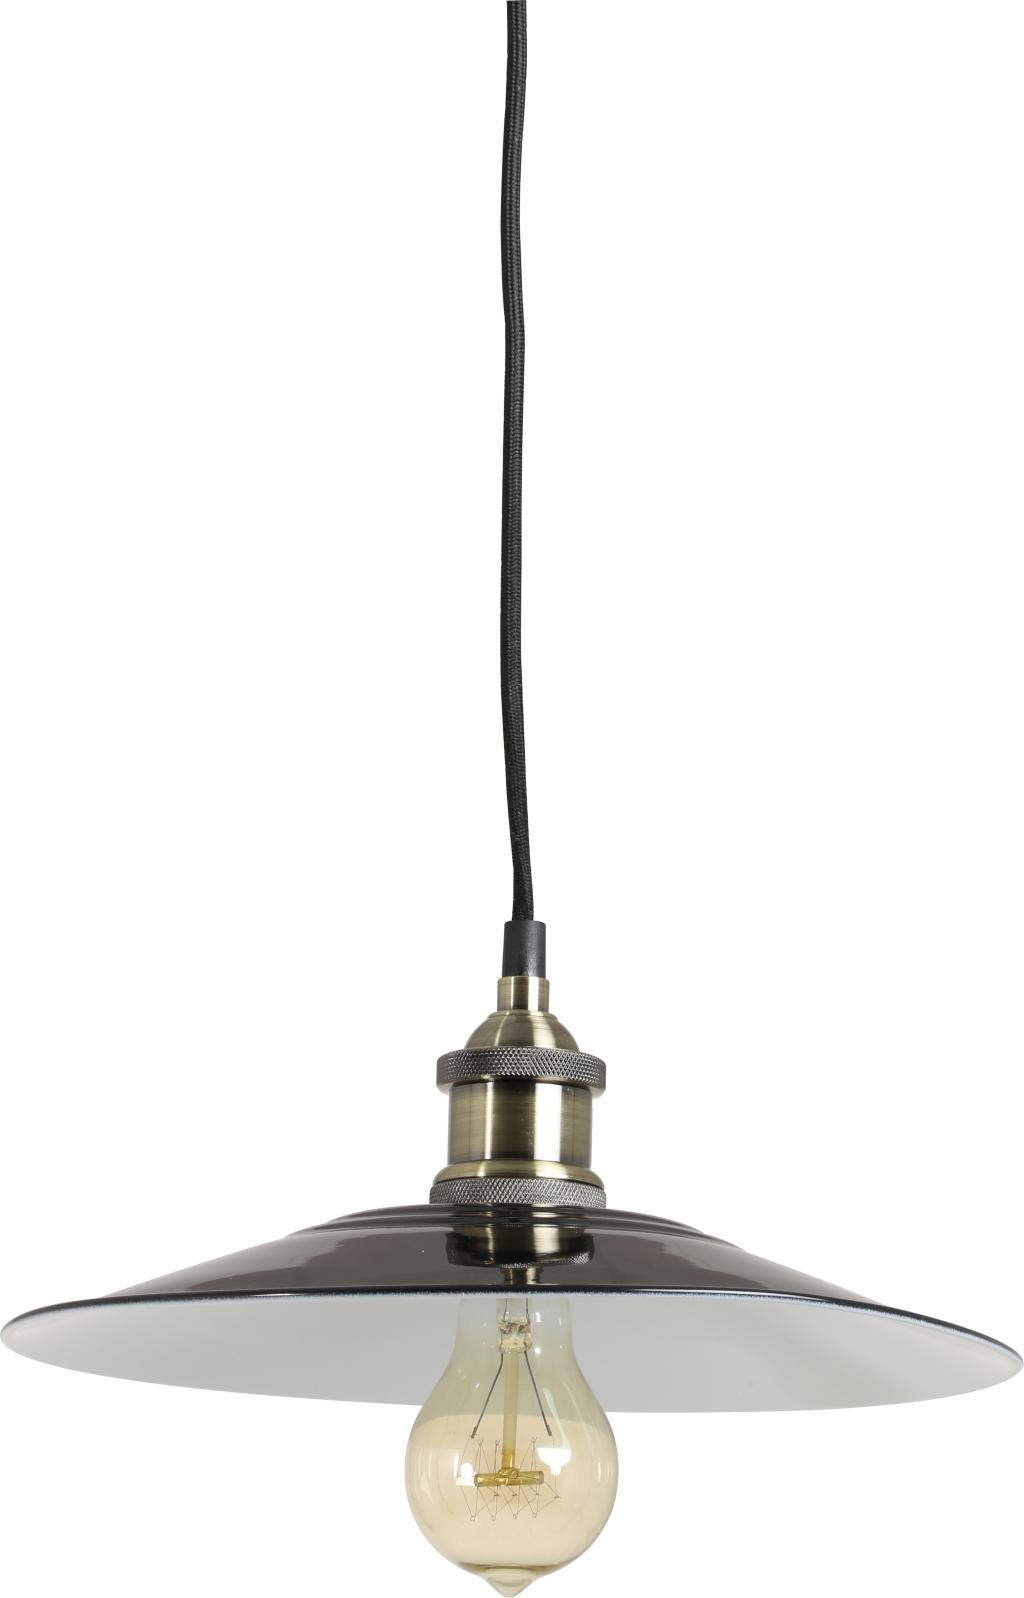 h ngelampe saar schwarz glanz mit lampe light living sale kaufen. Black Bedroom Furniture Sets. Home Design Ideas